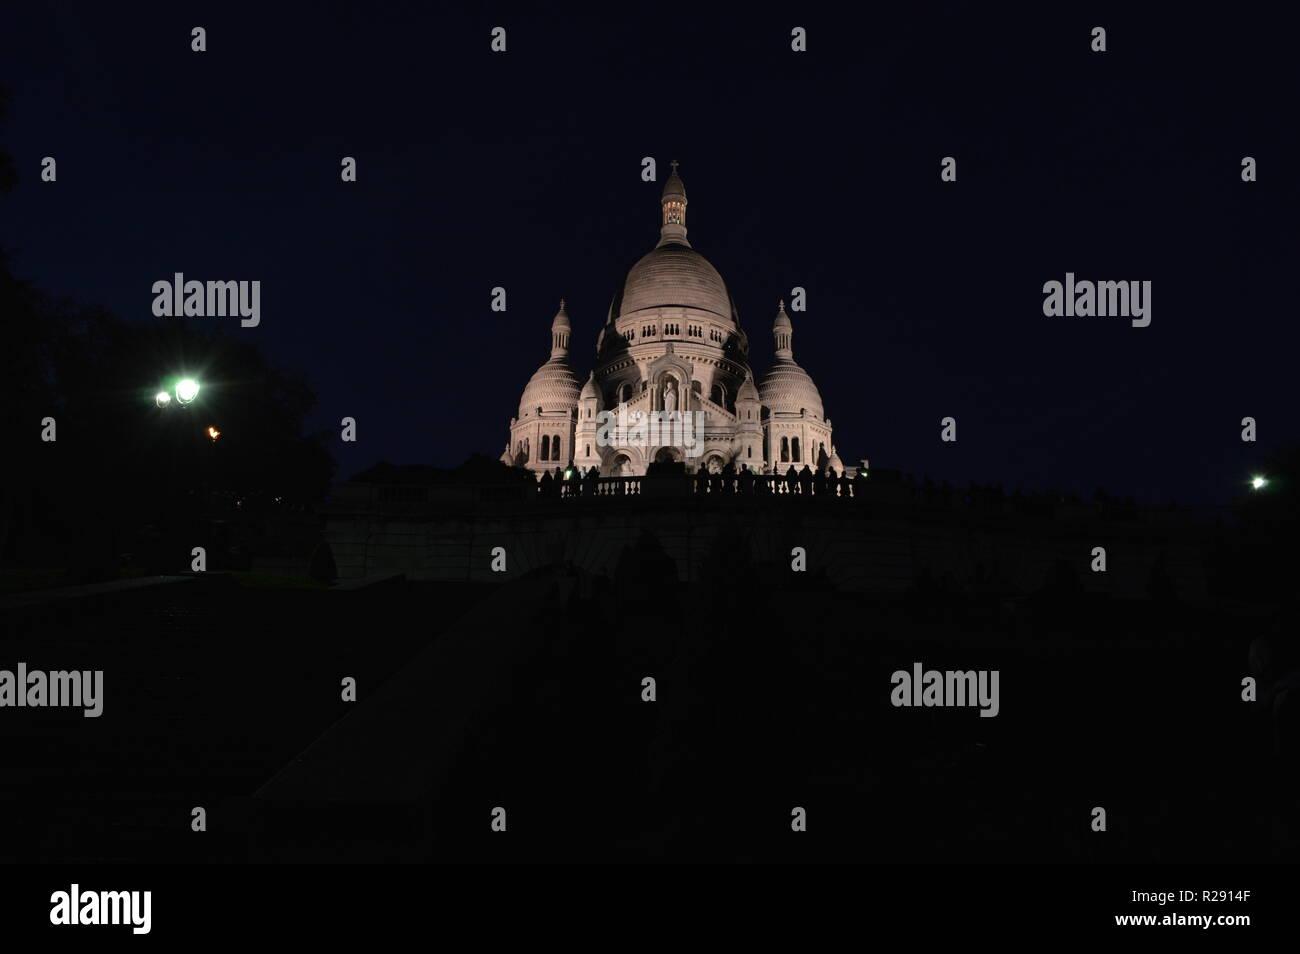 Night shoot of Sacro Coeur - Stock Image